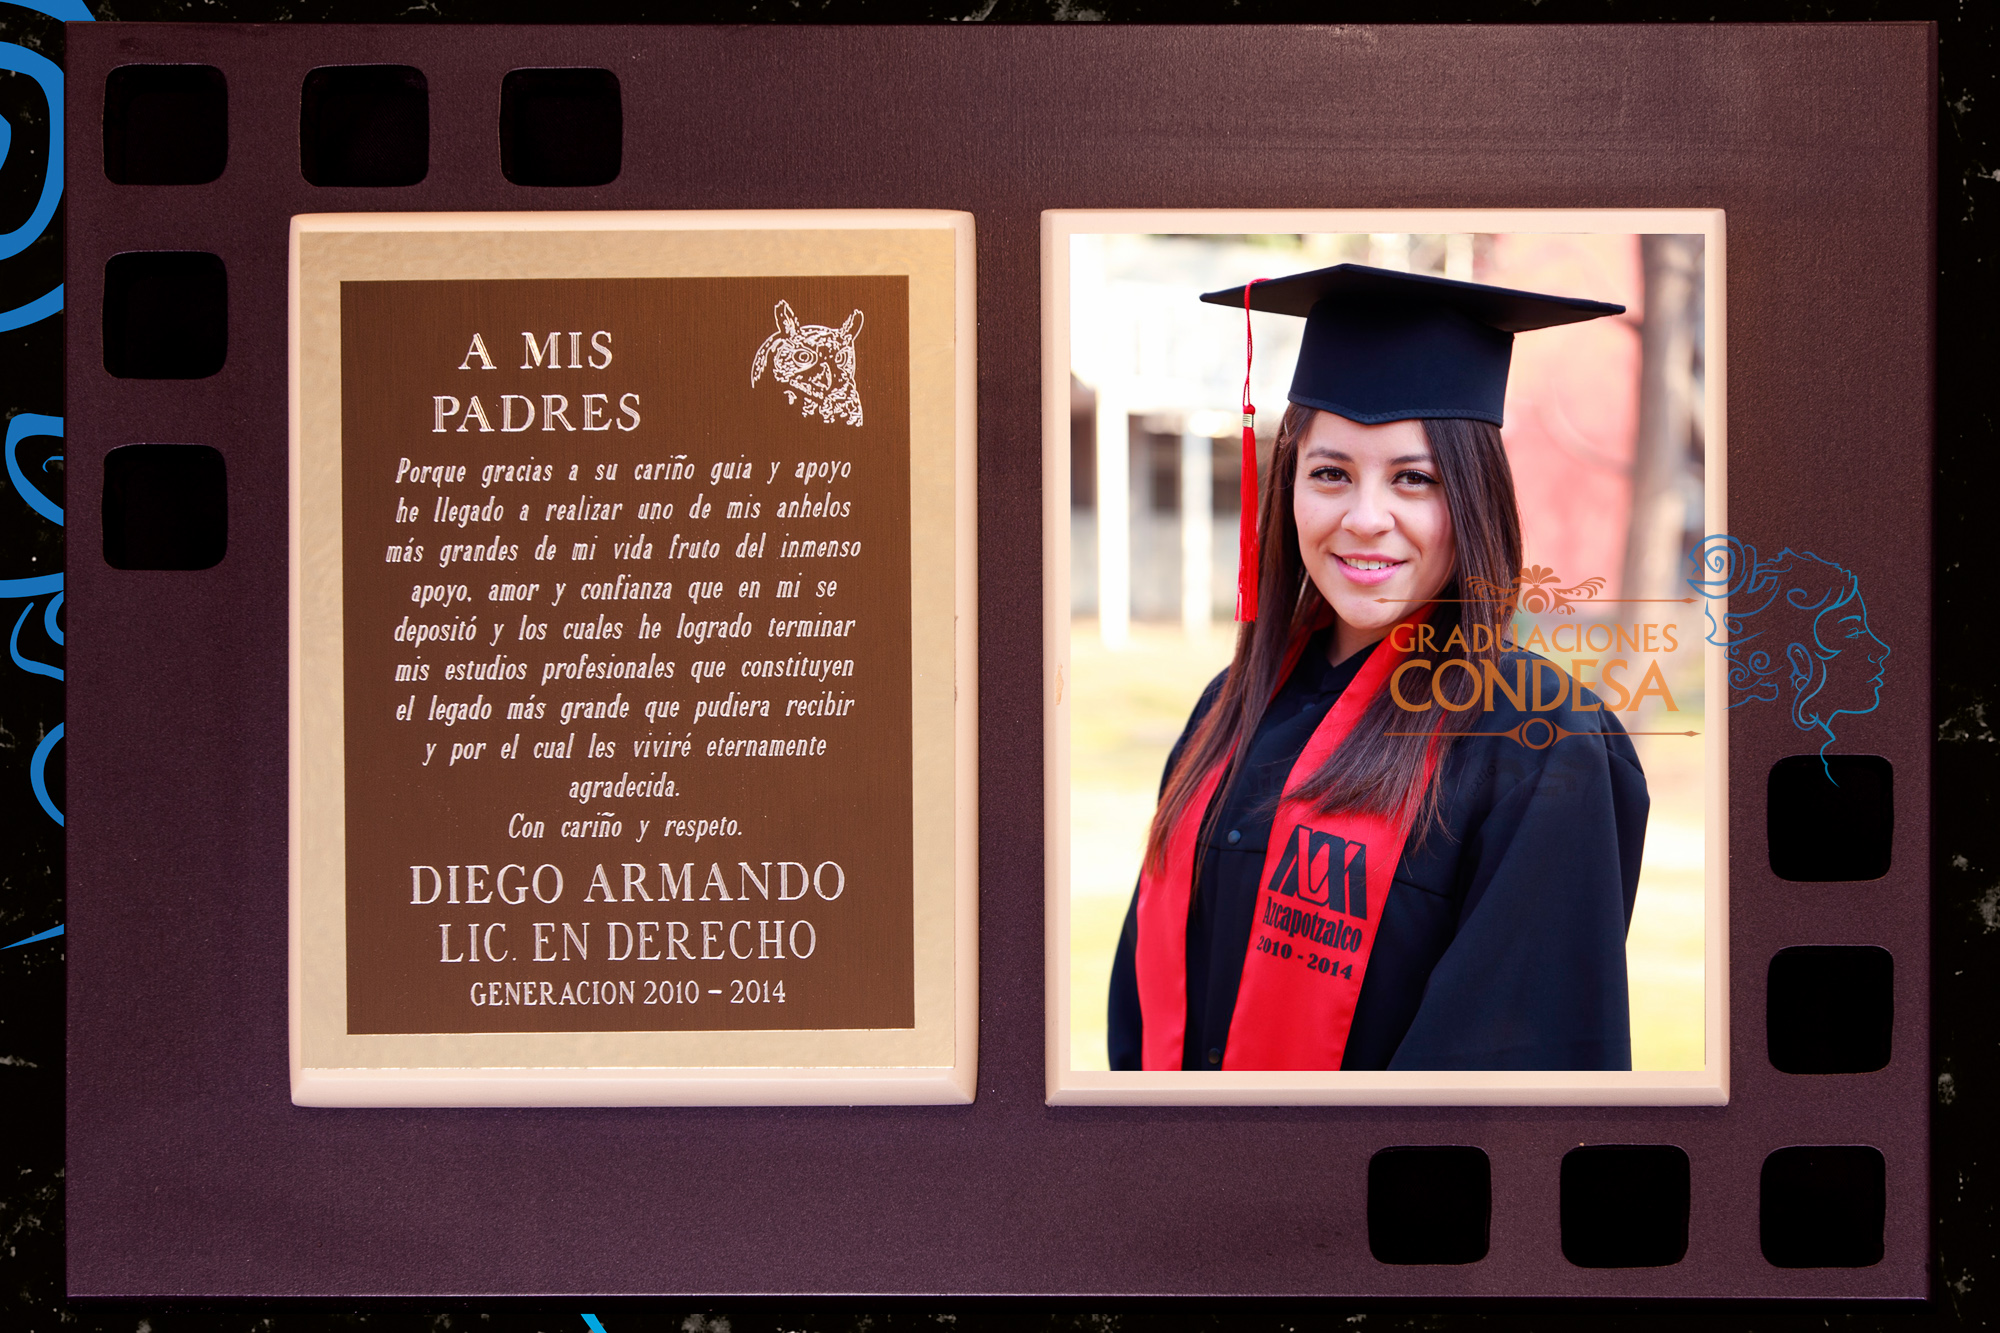 Mensajes De Agradecimiento: Imagenes De Agradecimiento De Graduacion Imagenes De